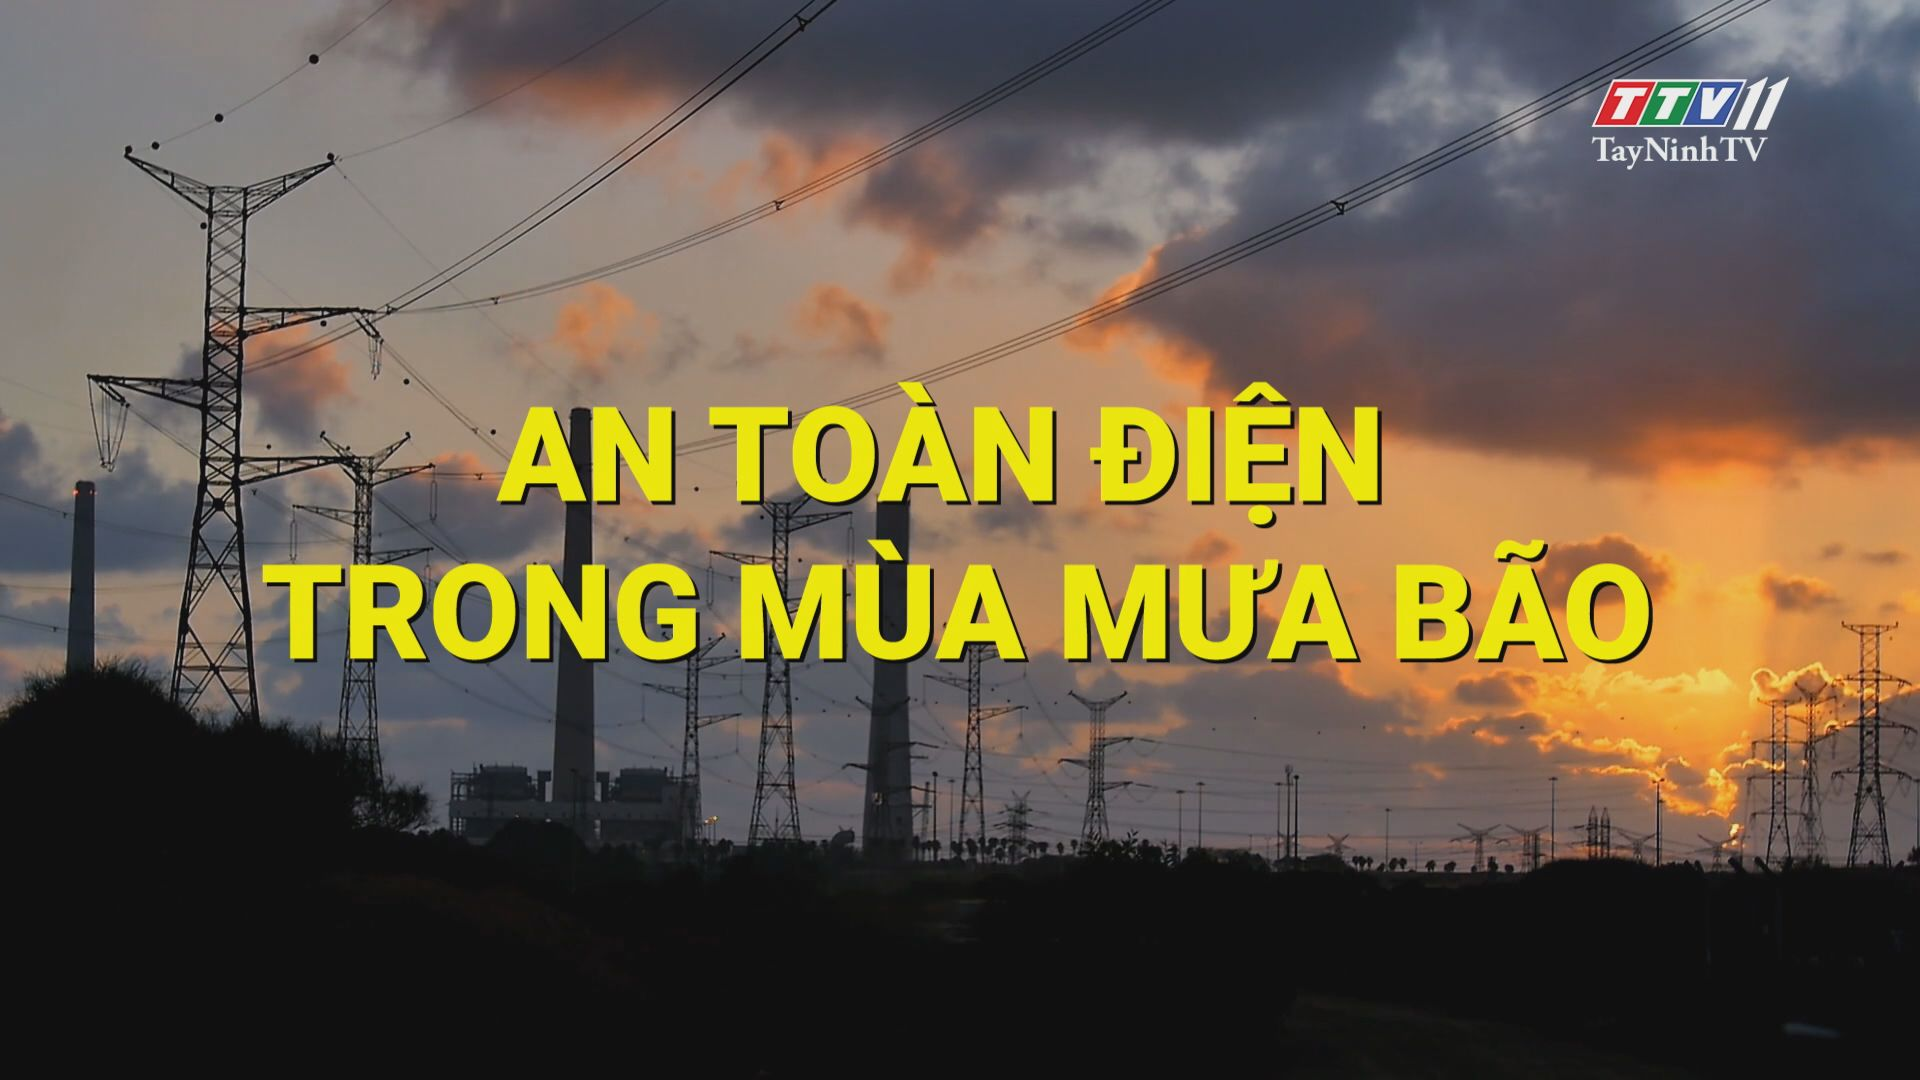 An toàn điện trong mùa mưa bão | ĐIỆN VÀ CUỘC SỐNG | TayNinhTV